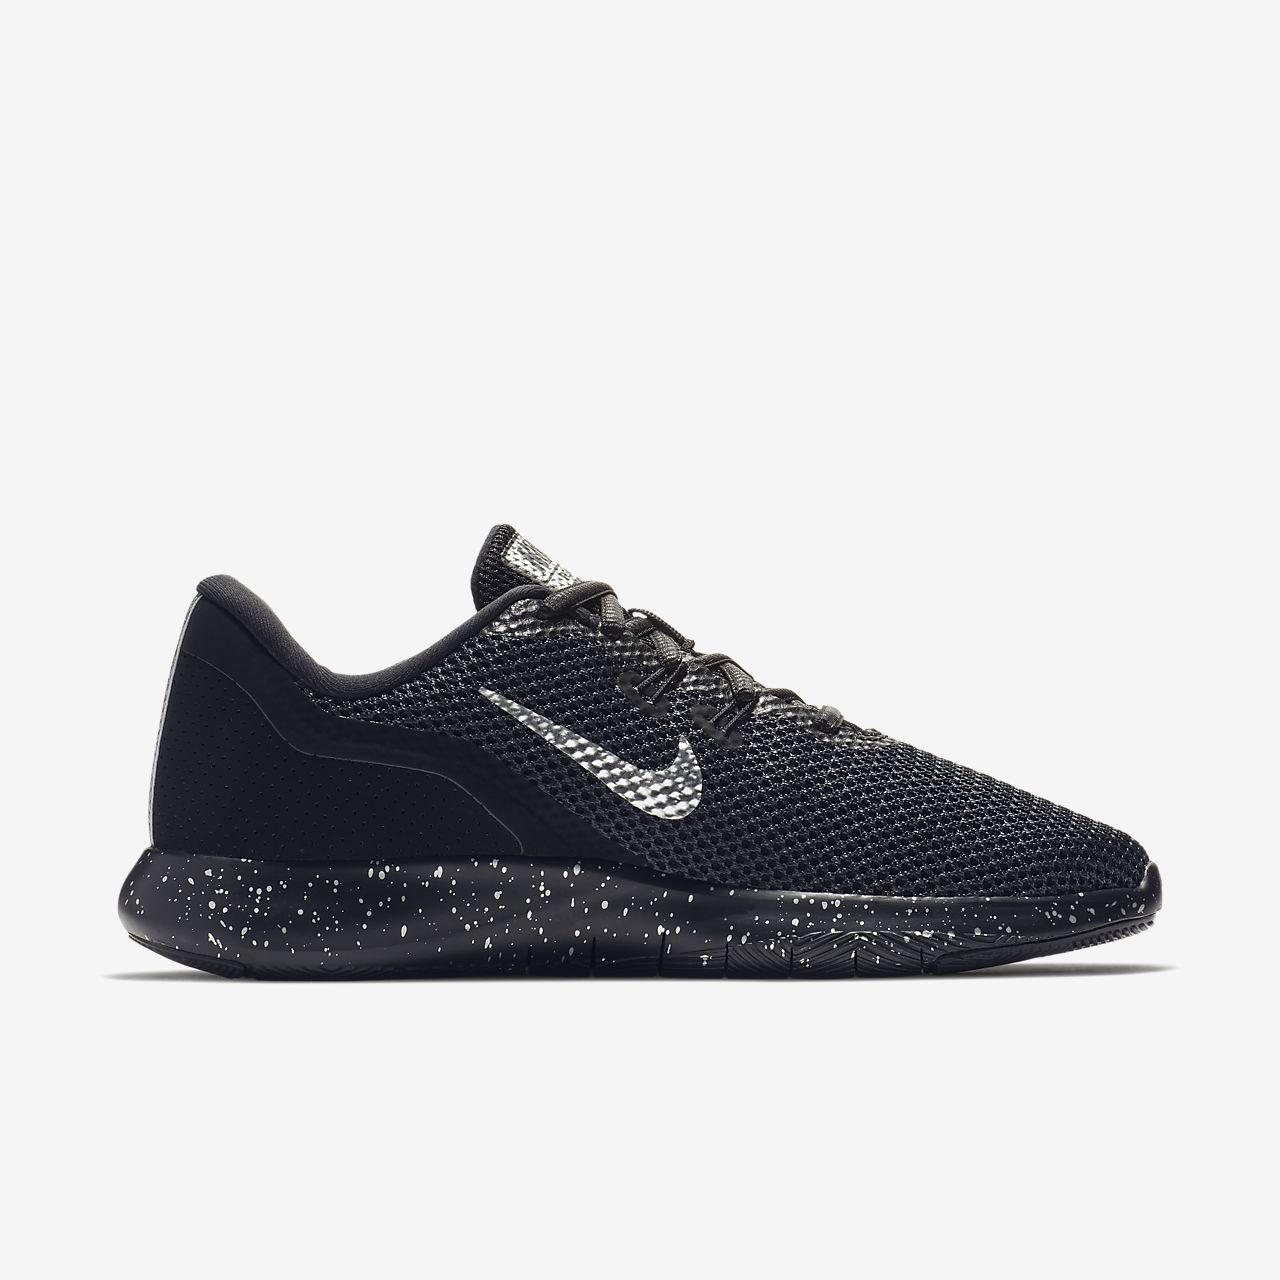 382de2a2377 Nike Flex TR 7 Premium Women s Training Shoe. Nike.com AU